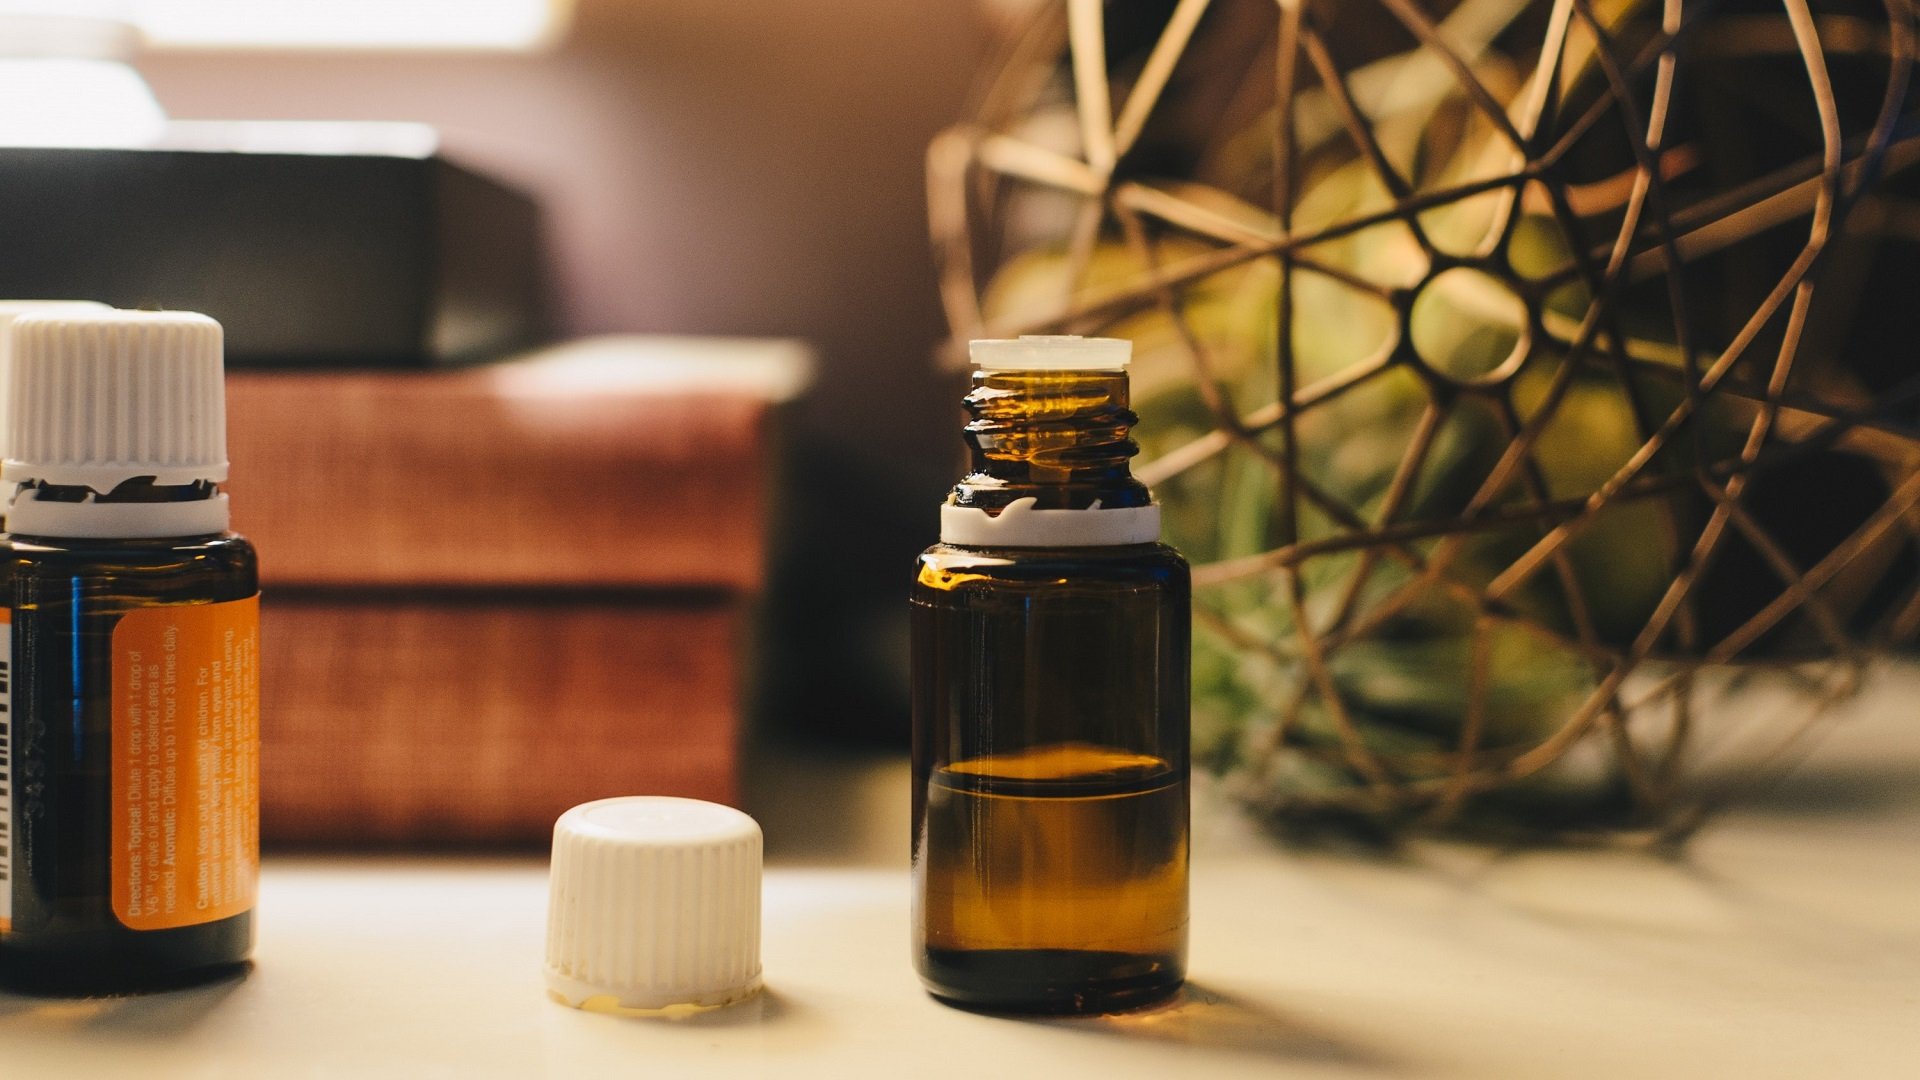 buy cannabidiol extract oil